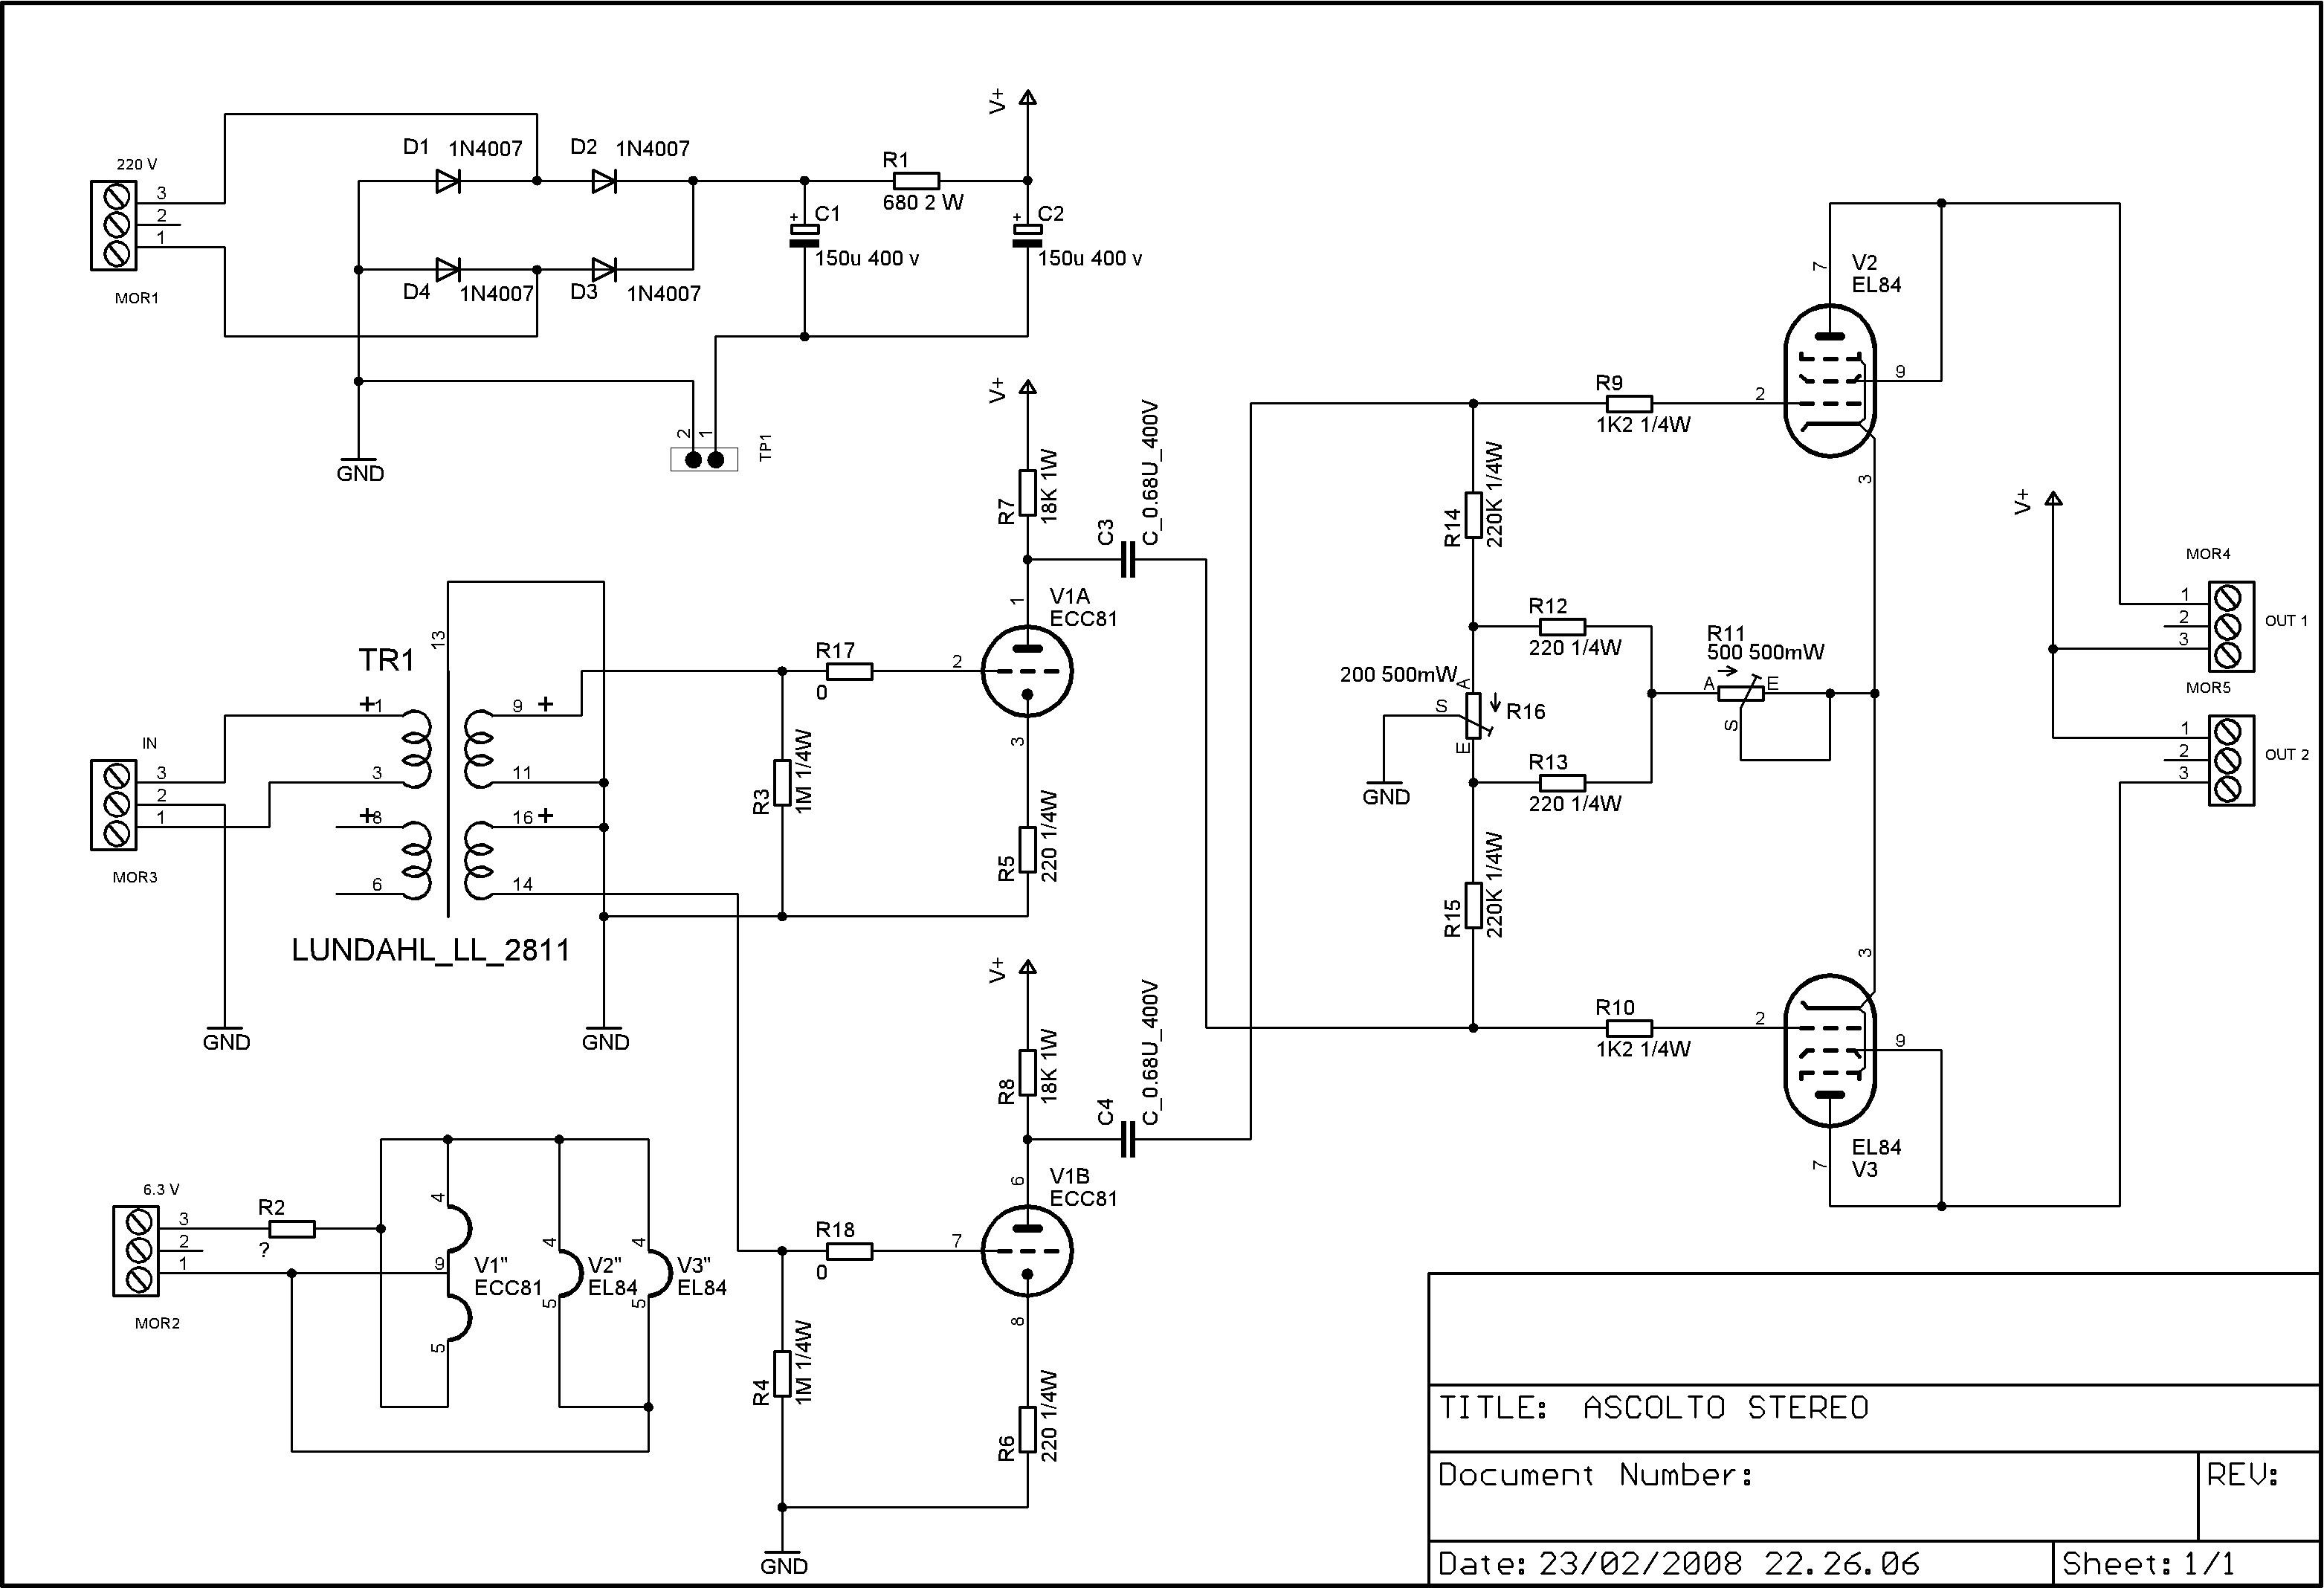 Schema Elettrico Trasformatore : Ascolto stereo a valvole